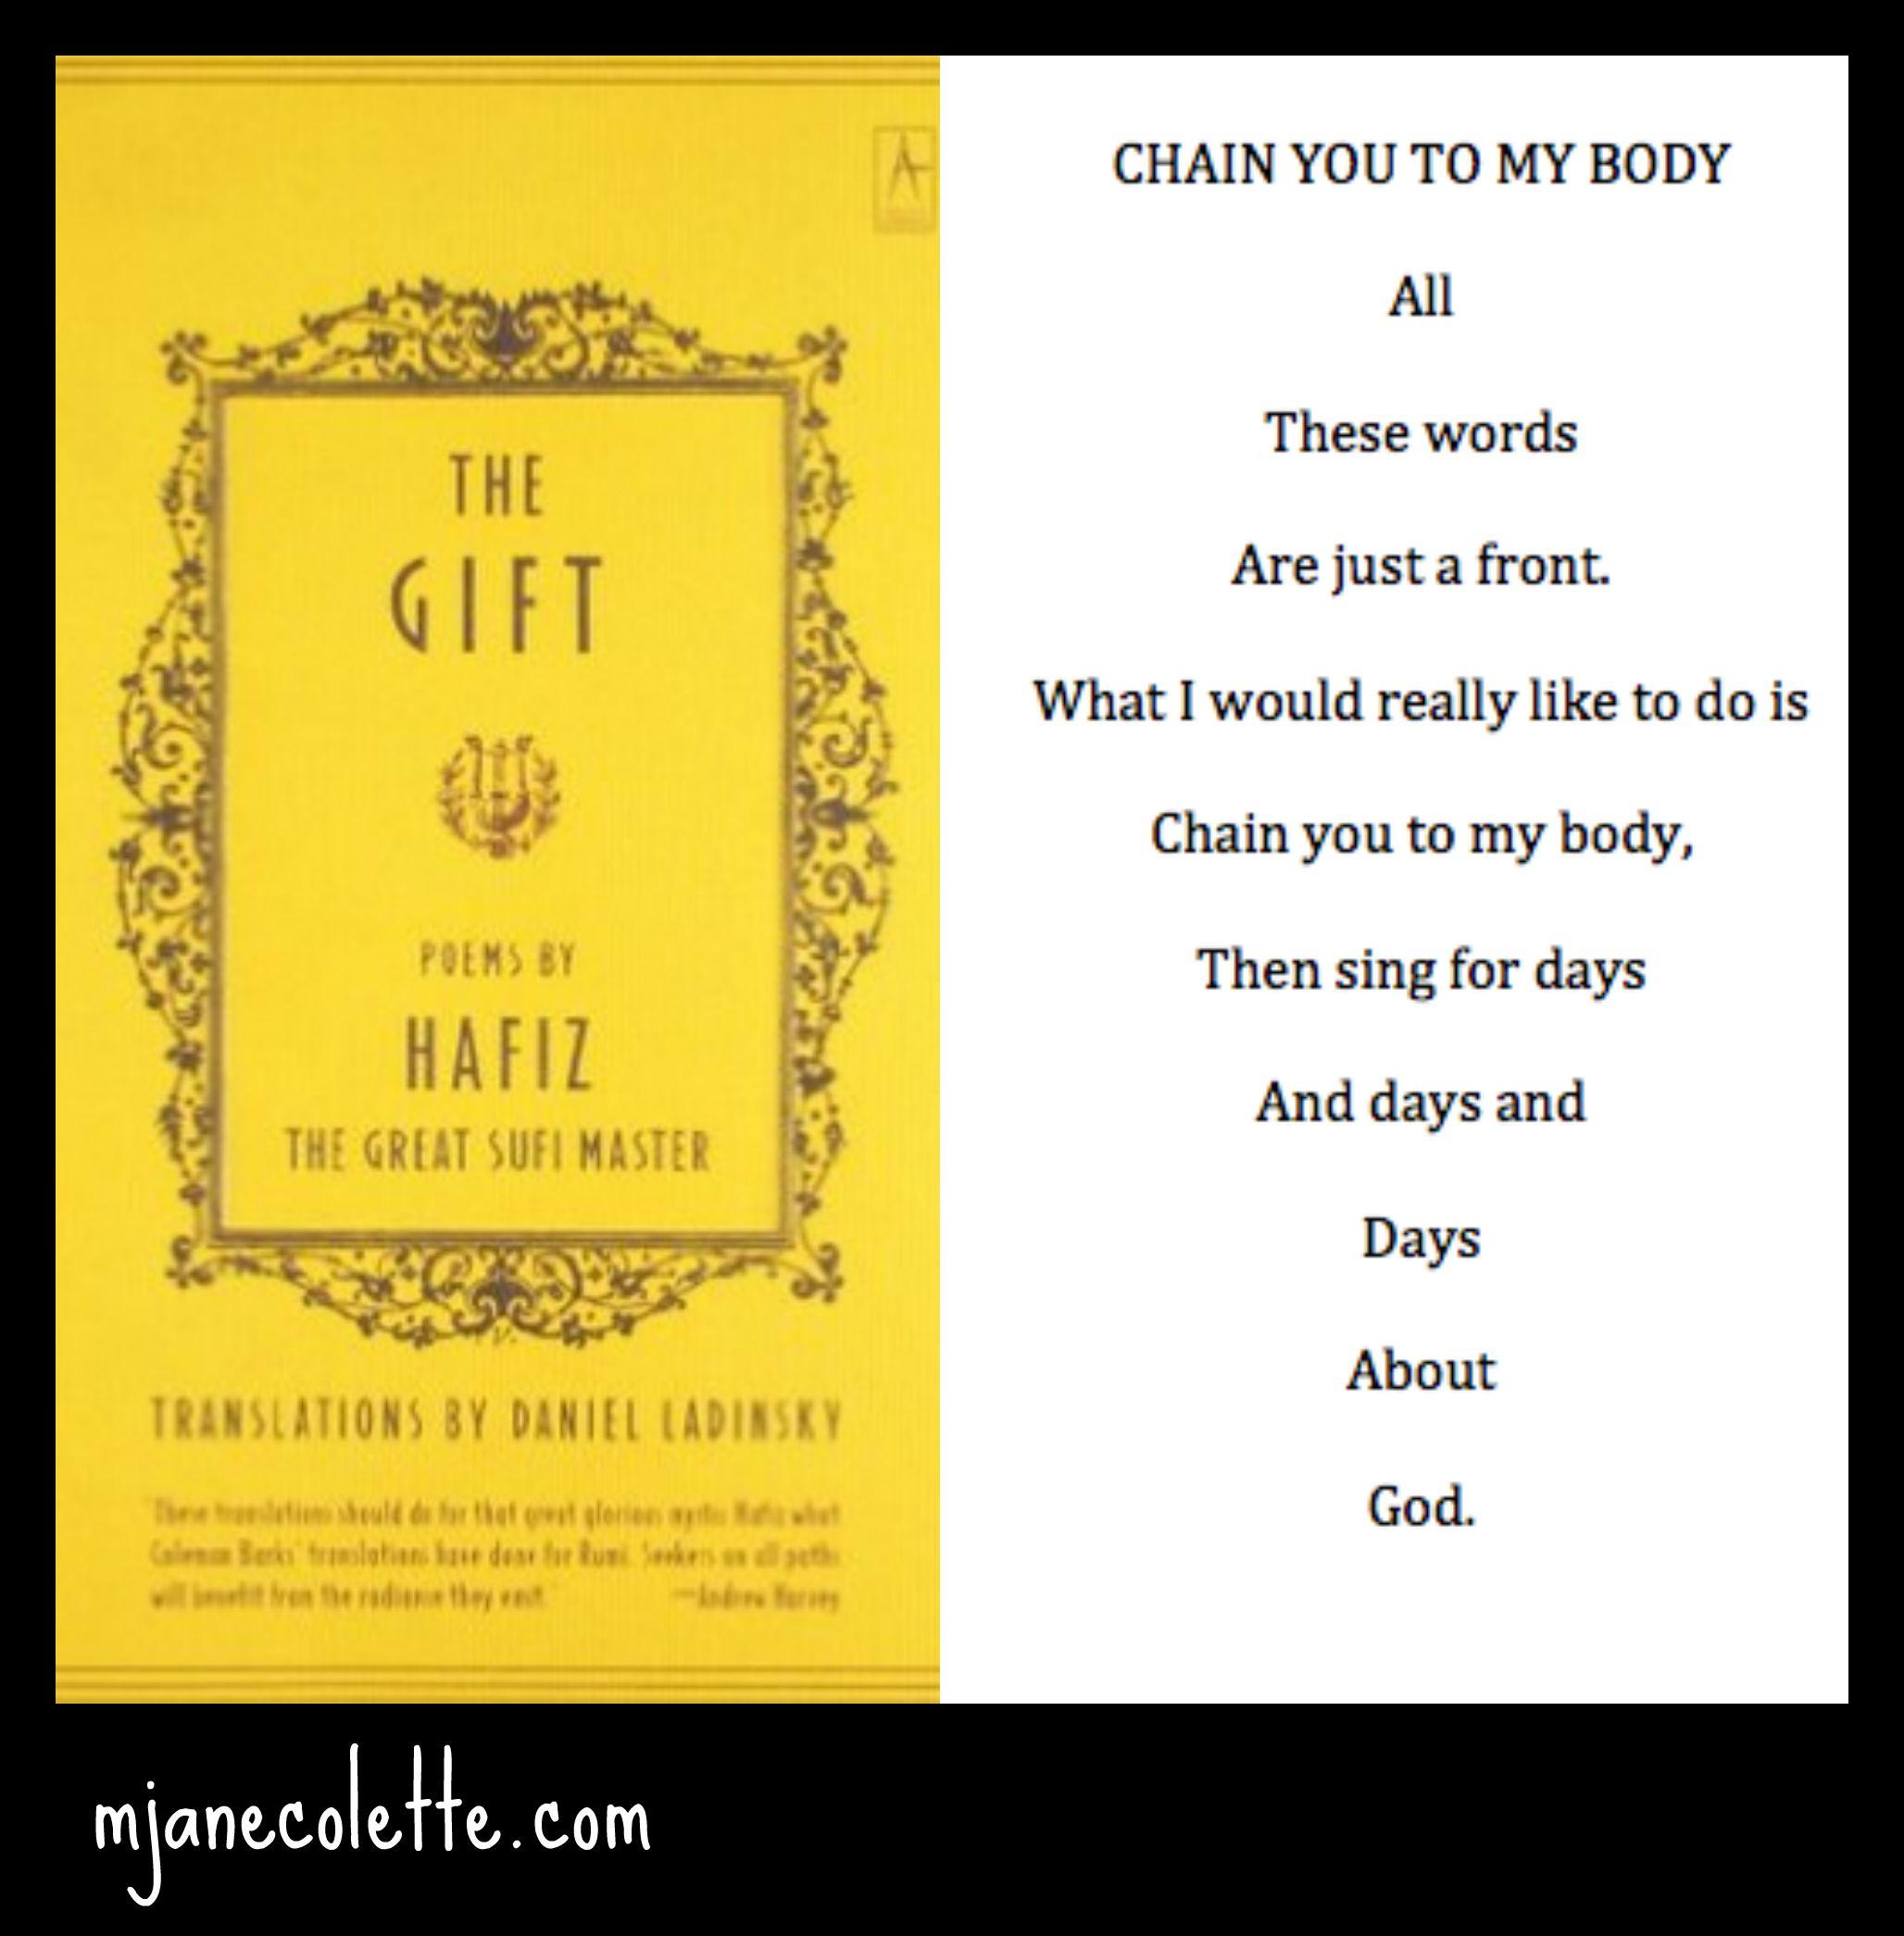 Chain you to my body / Hafiz | m jane colette